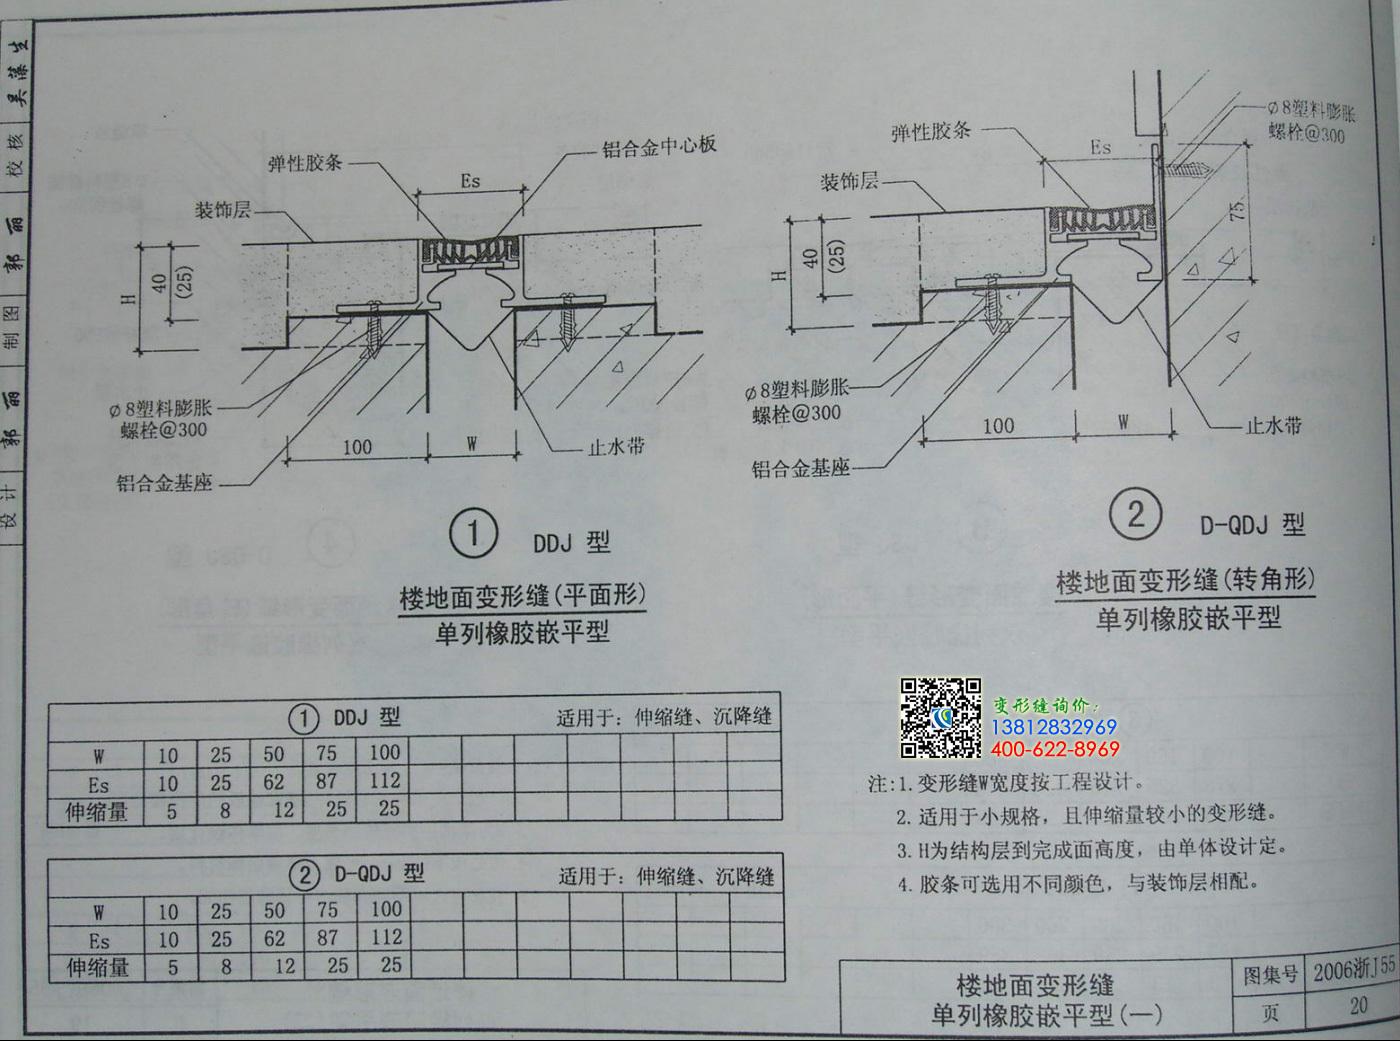 2006浙j55变形缝图集第20页